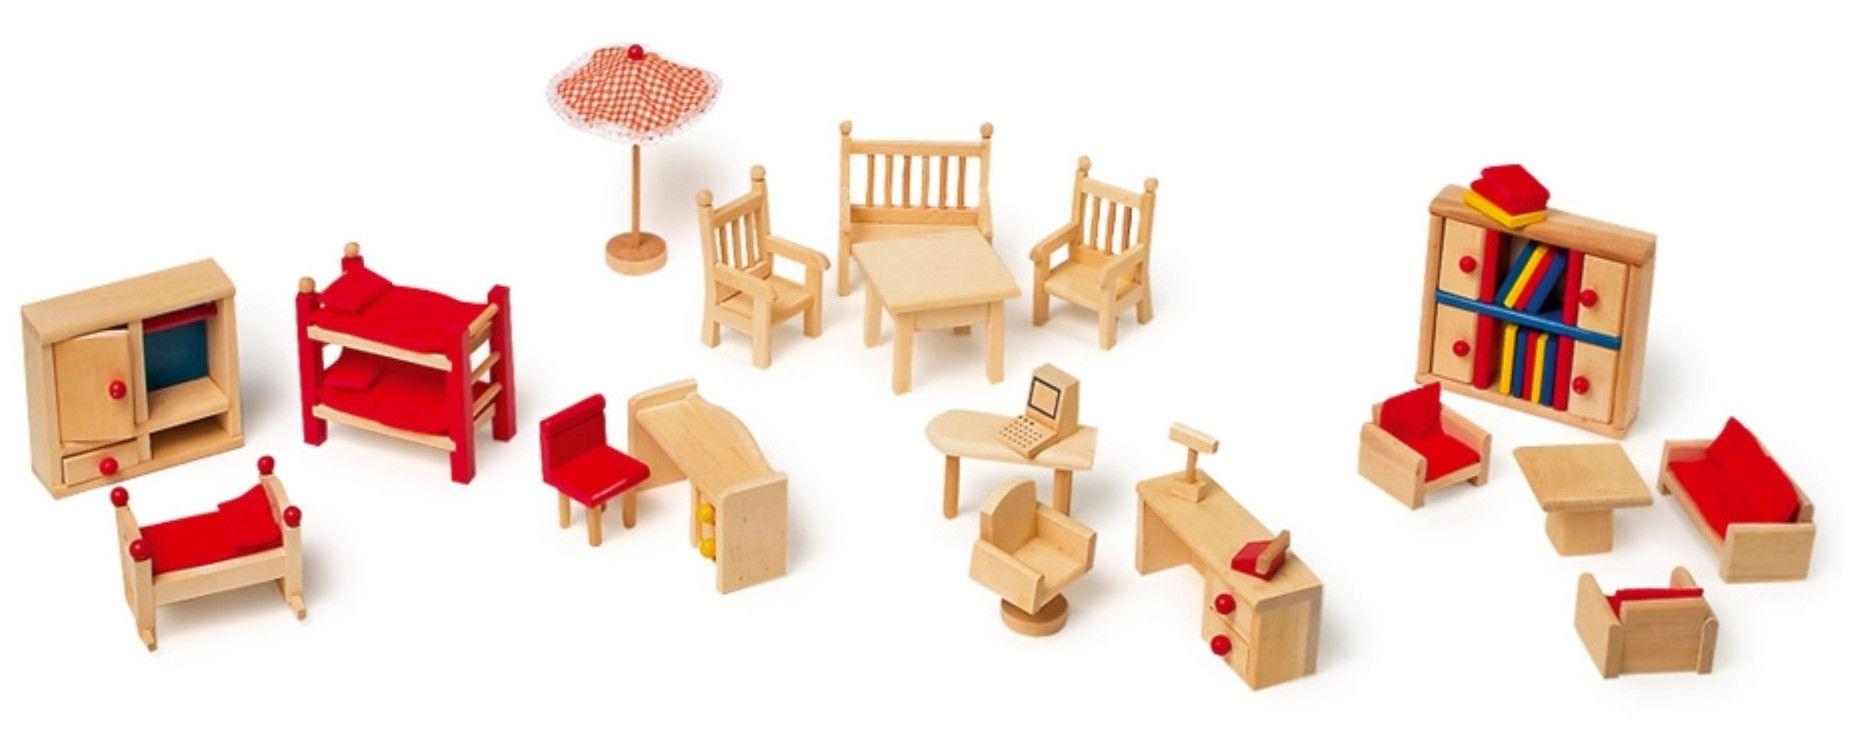 Muebles de madera para casitas de mu ecas casas de for Casitas de madera